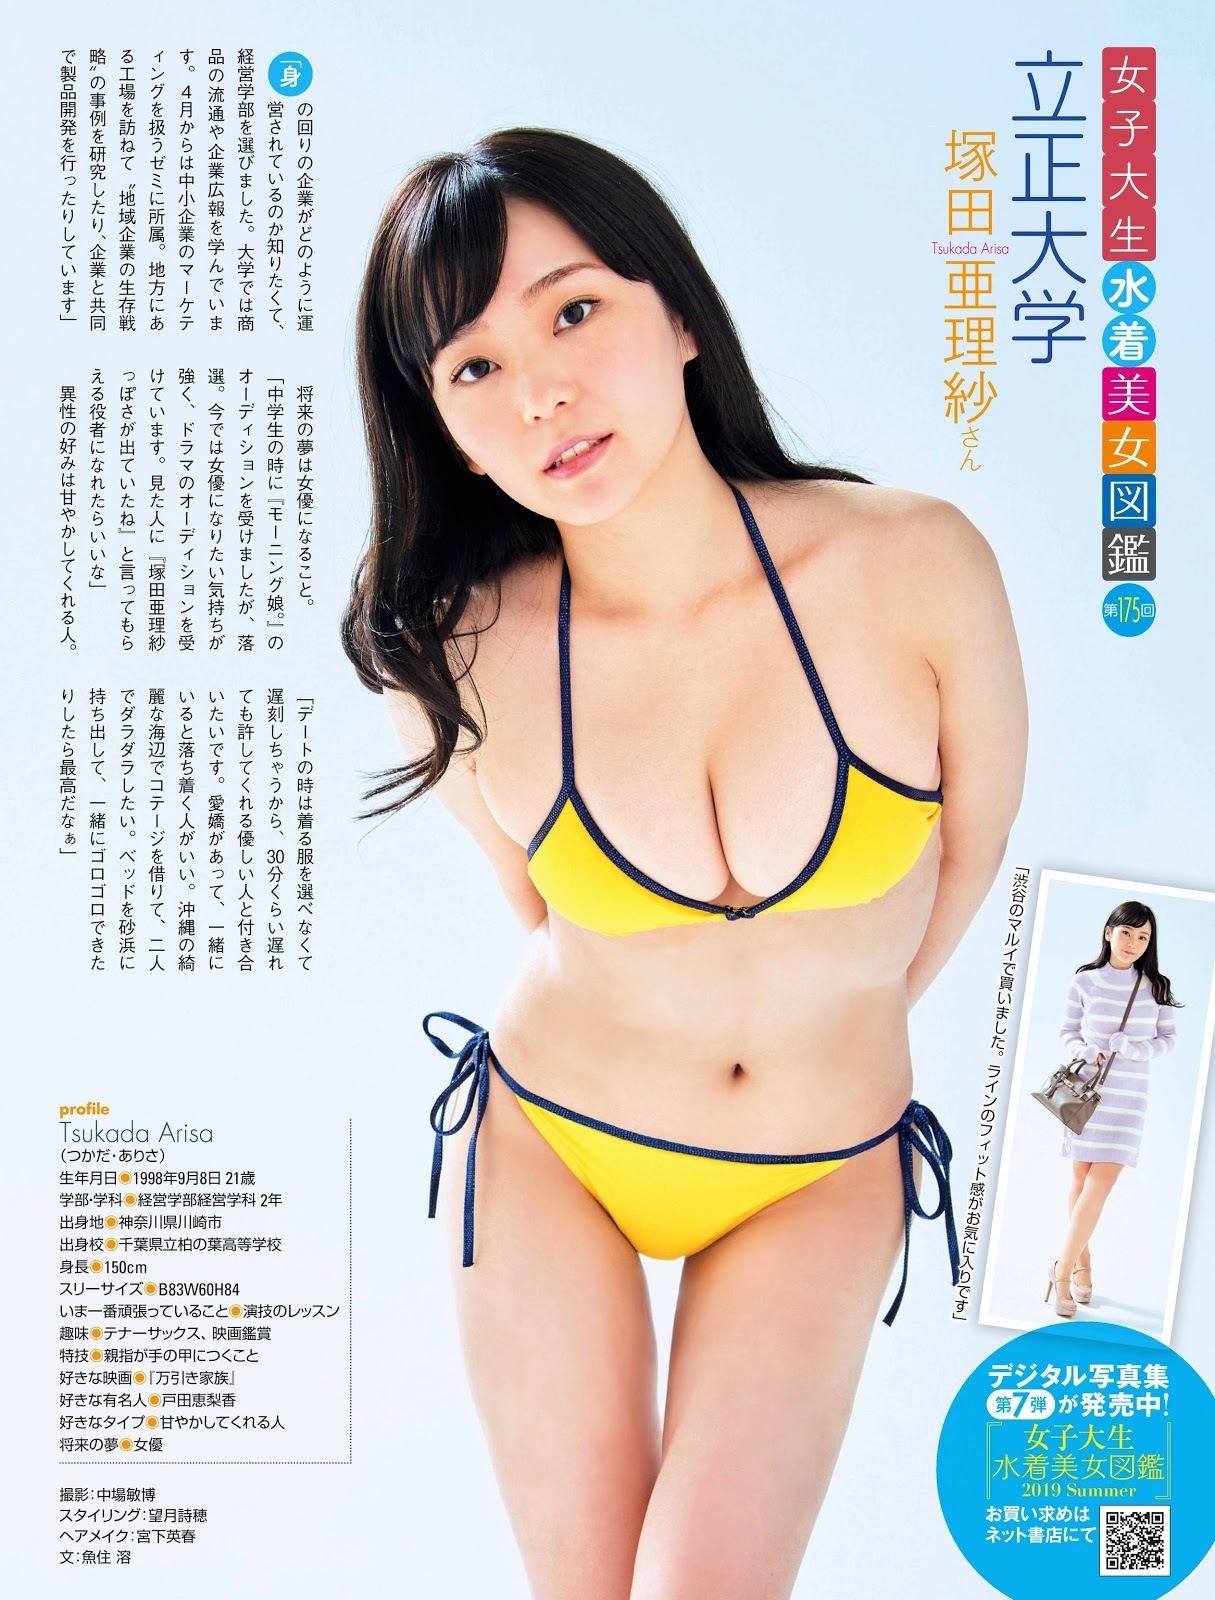 女子大生水着美女図鑑44